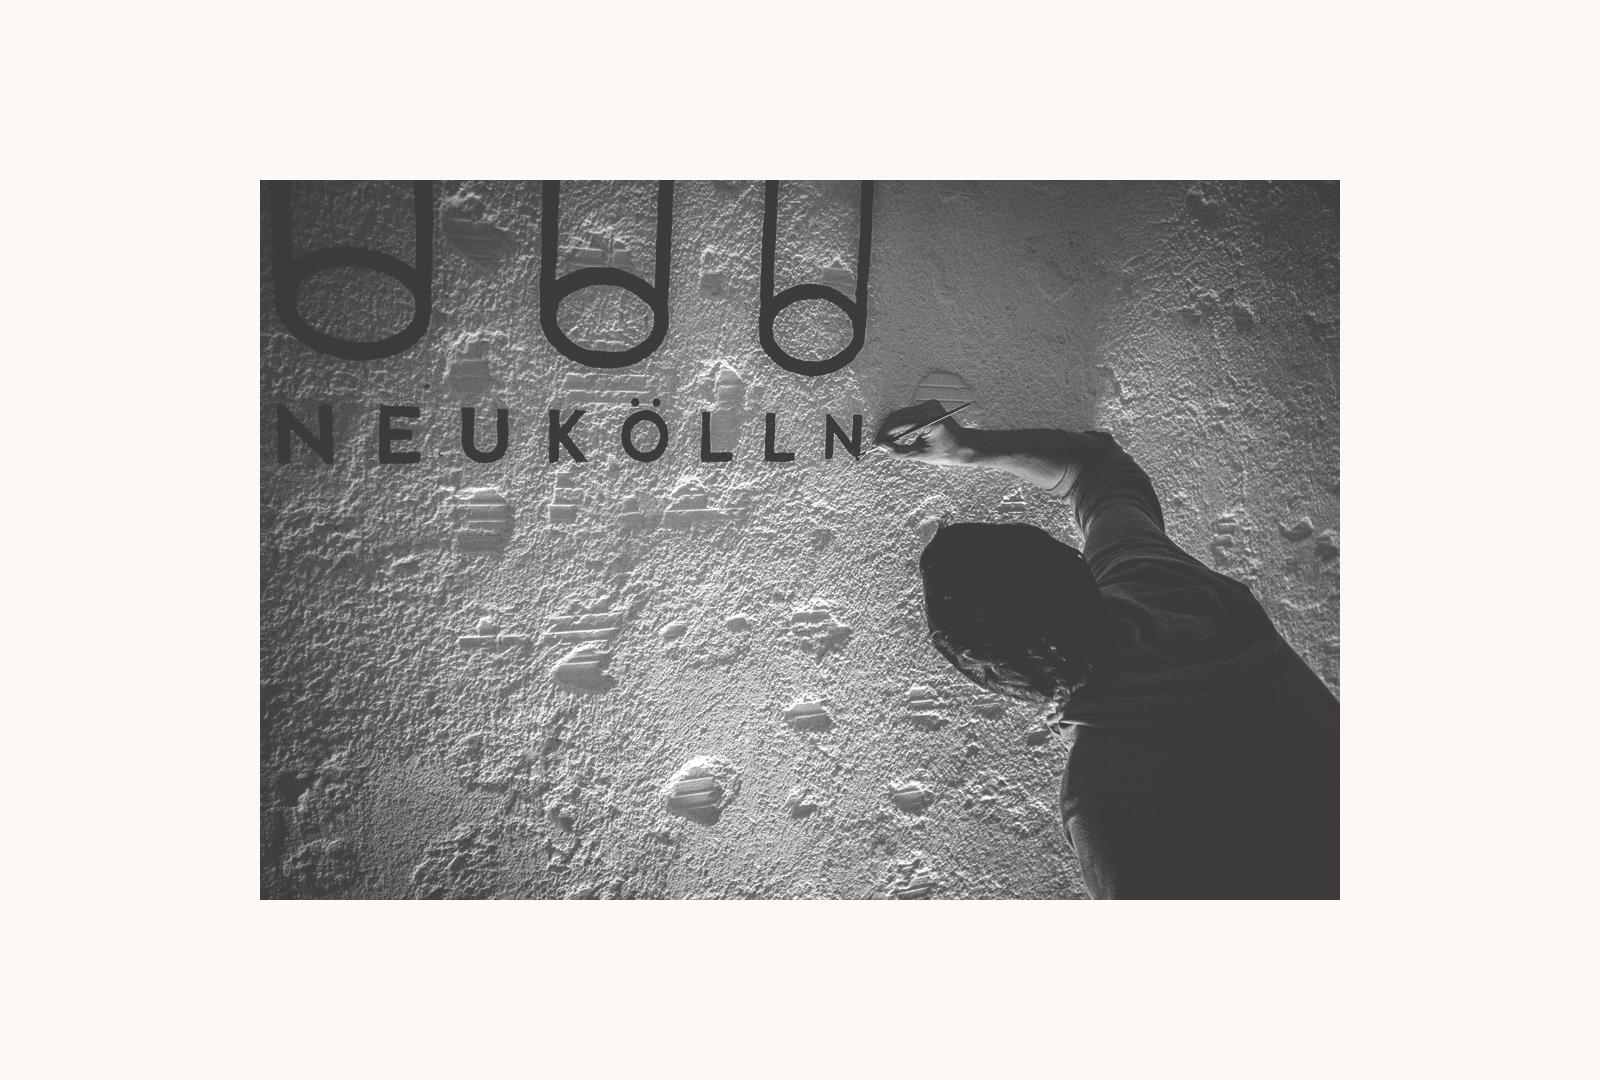 NEUKOLLN-2000140009